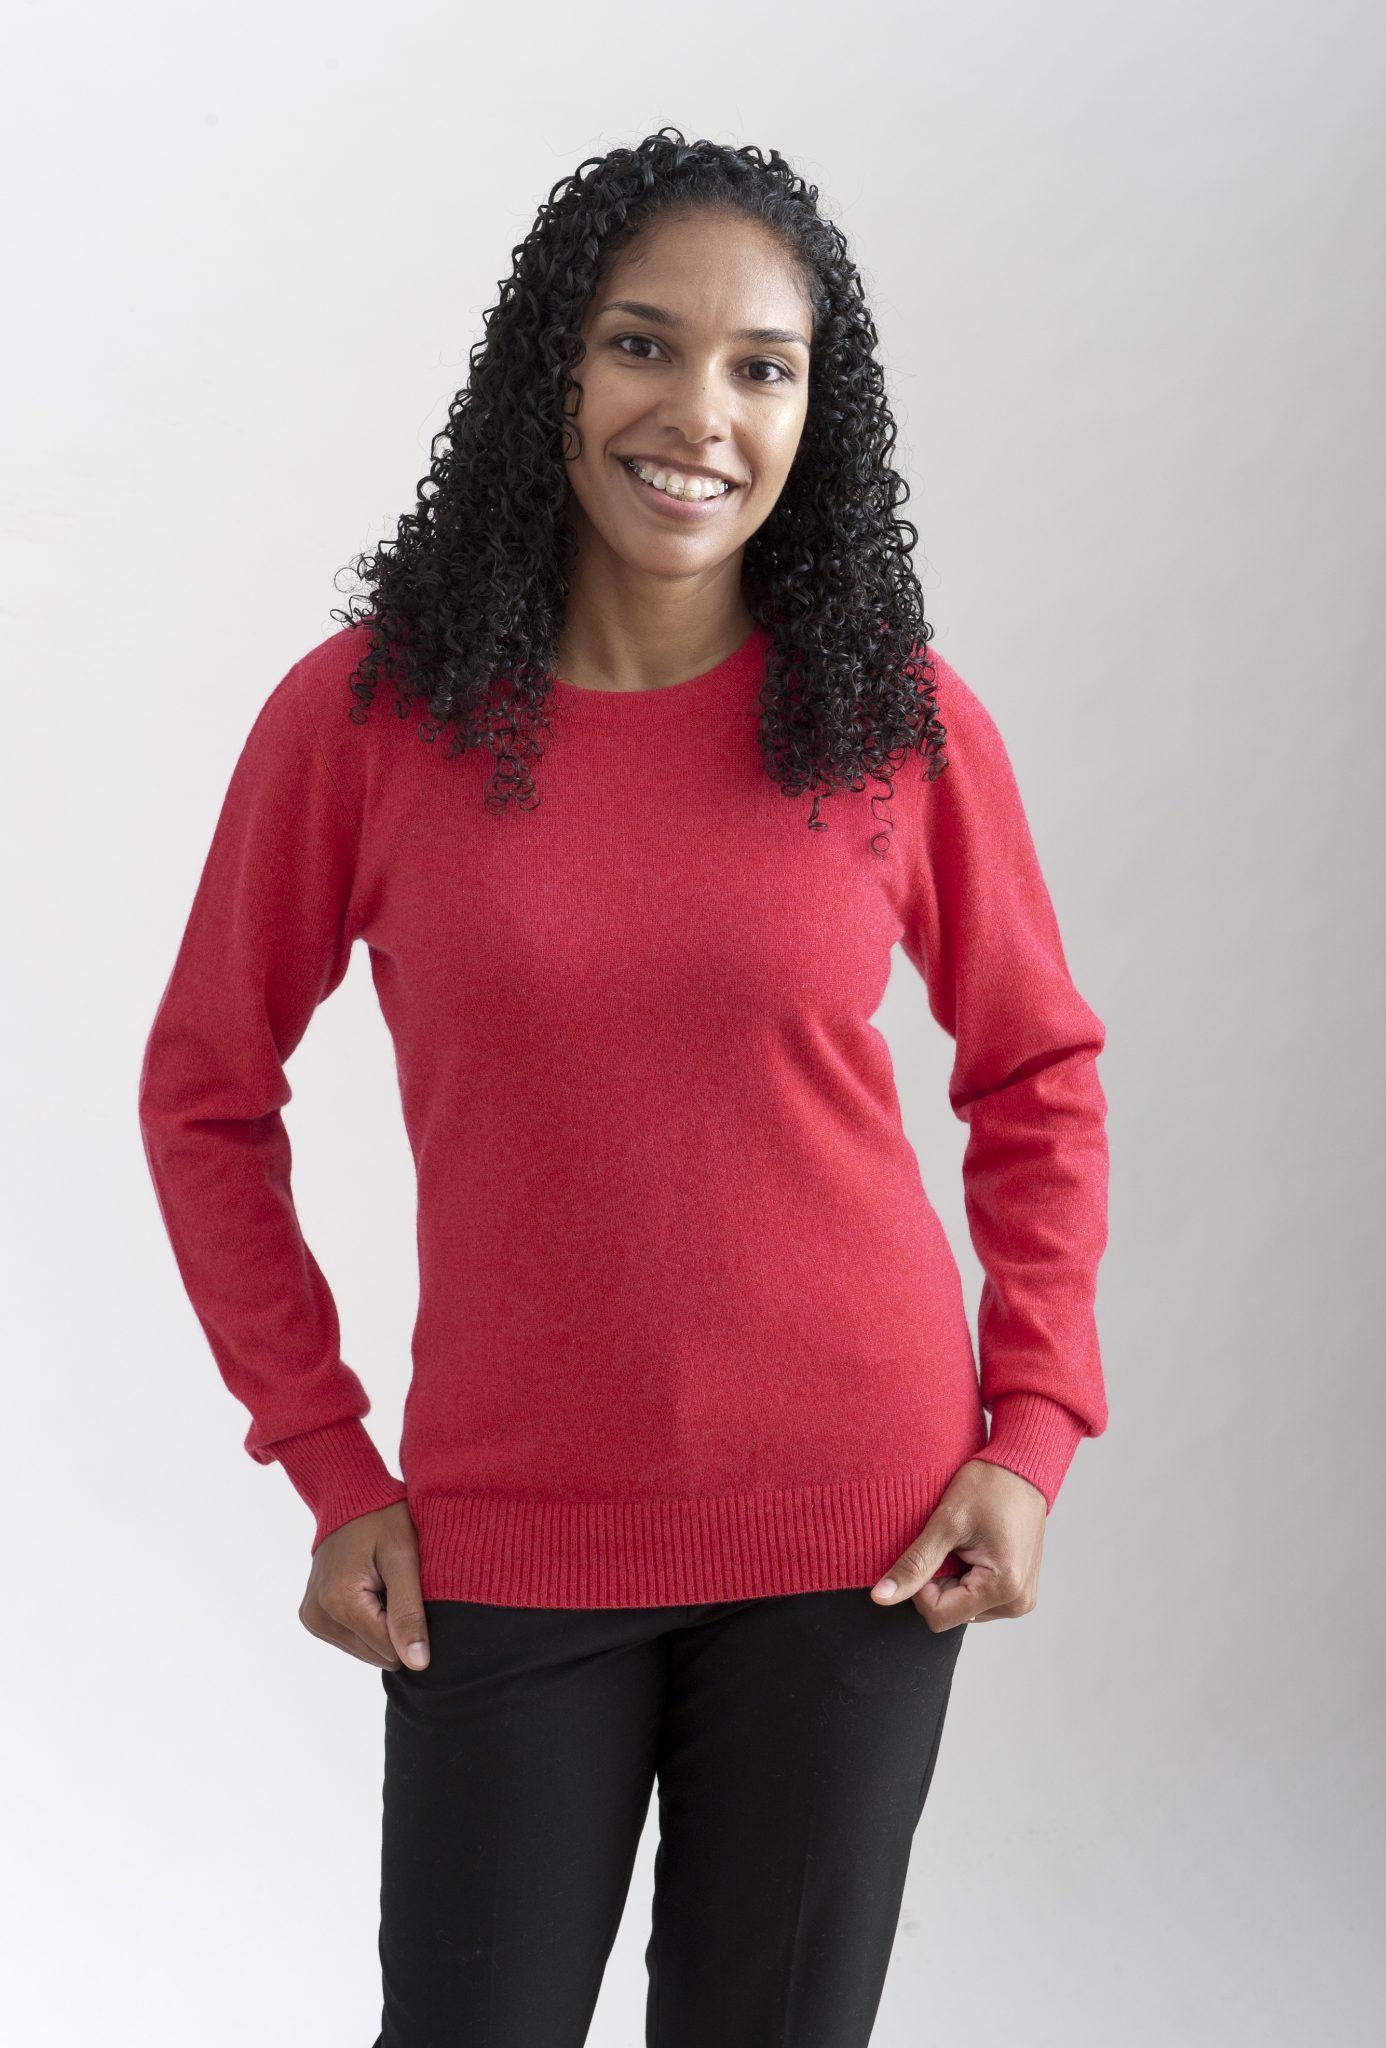 Rosaröd rundhalsad sweater i 100% kashmir. Ett prisvärt basplagg för garderoben.